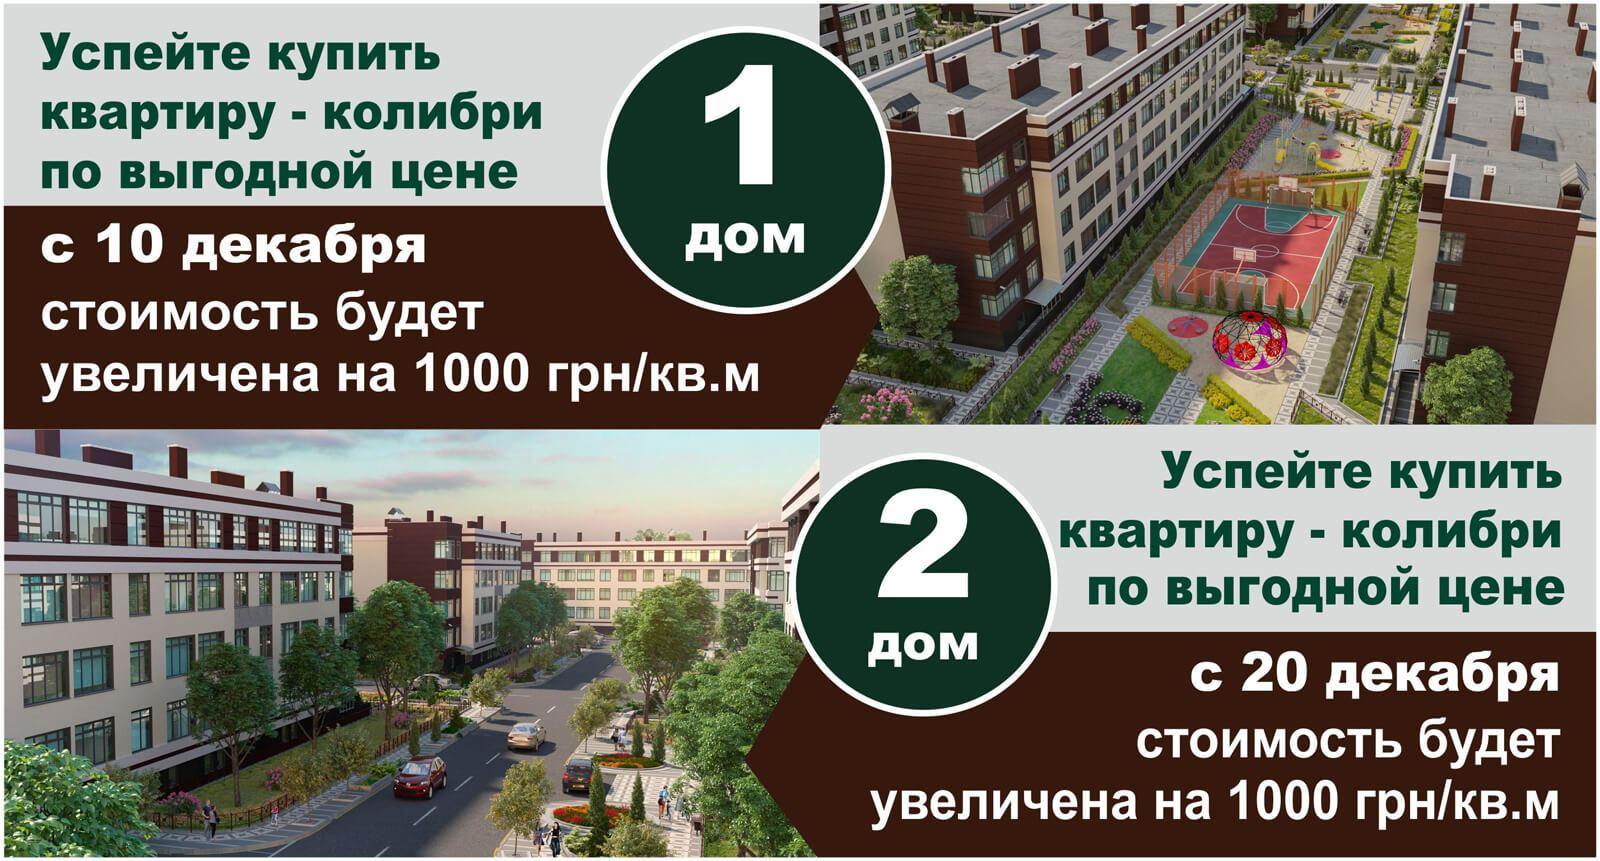 news-colibri-ru